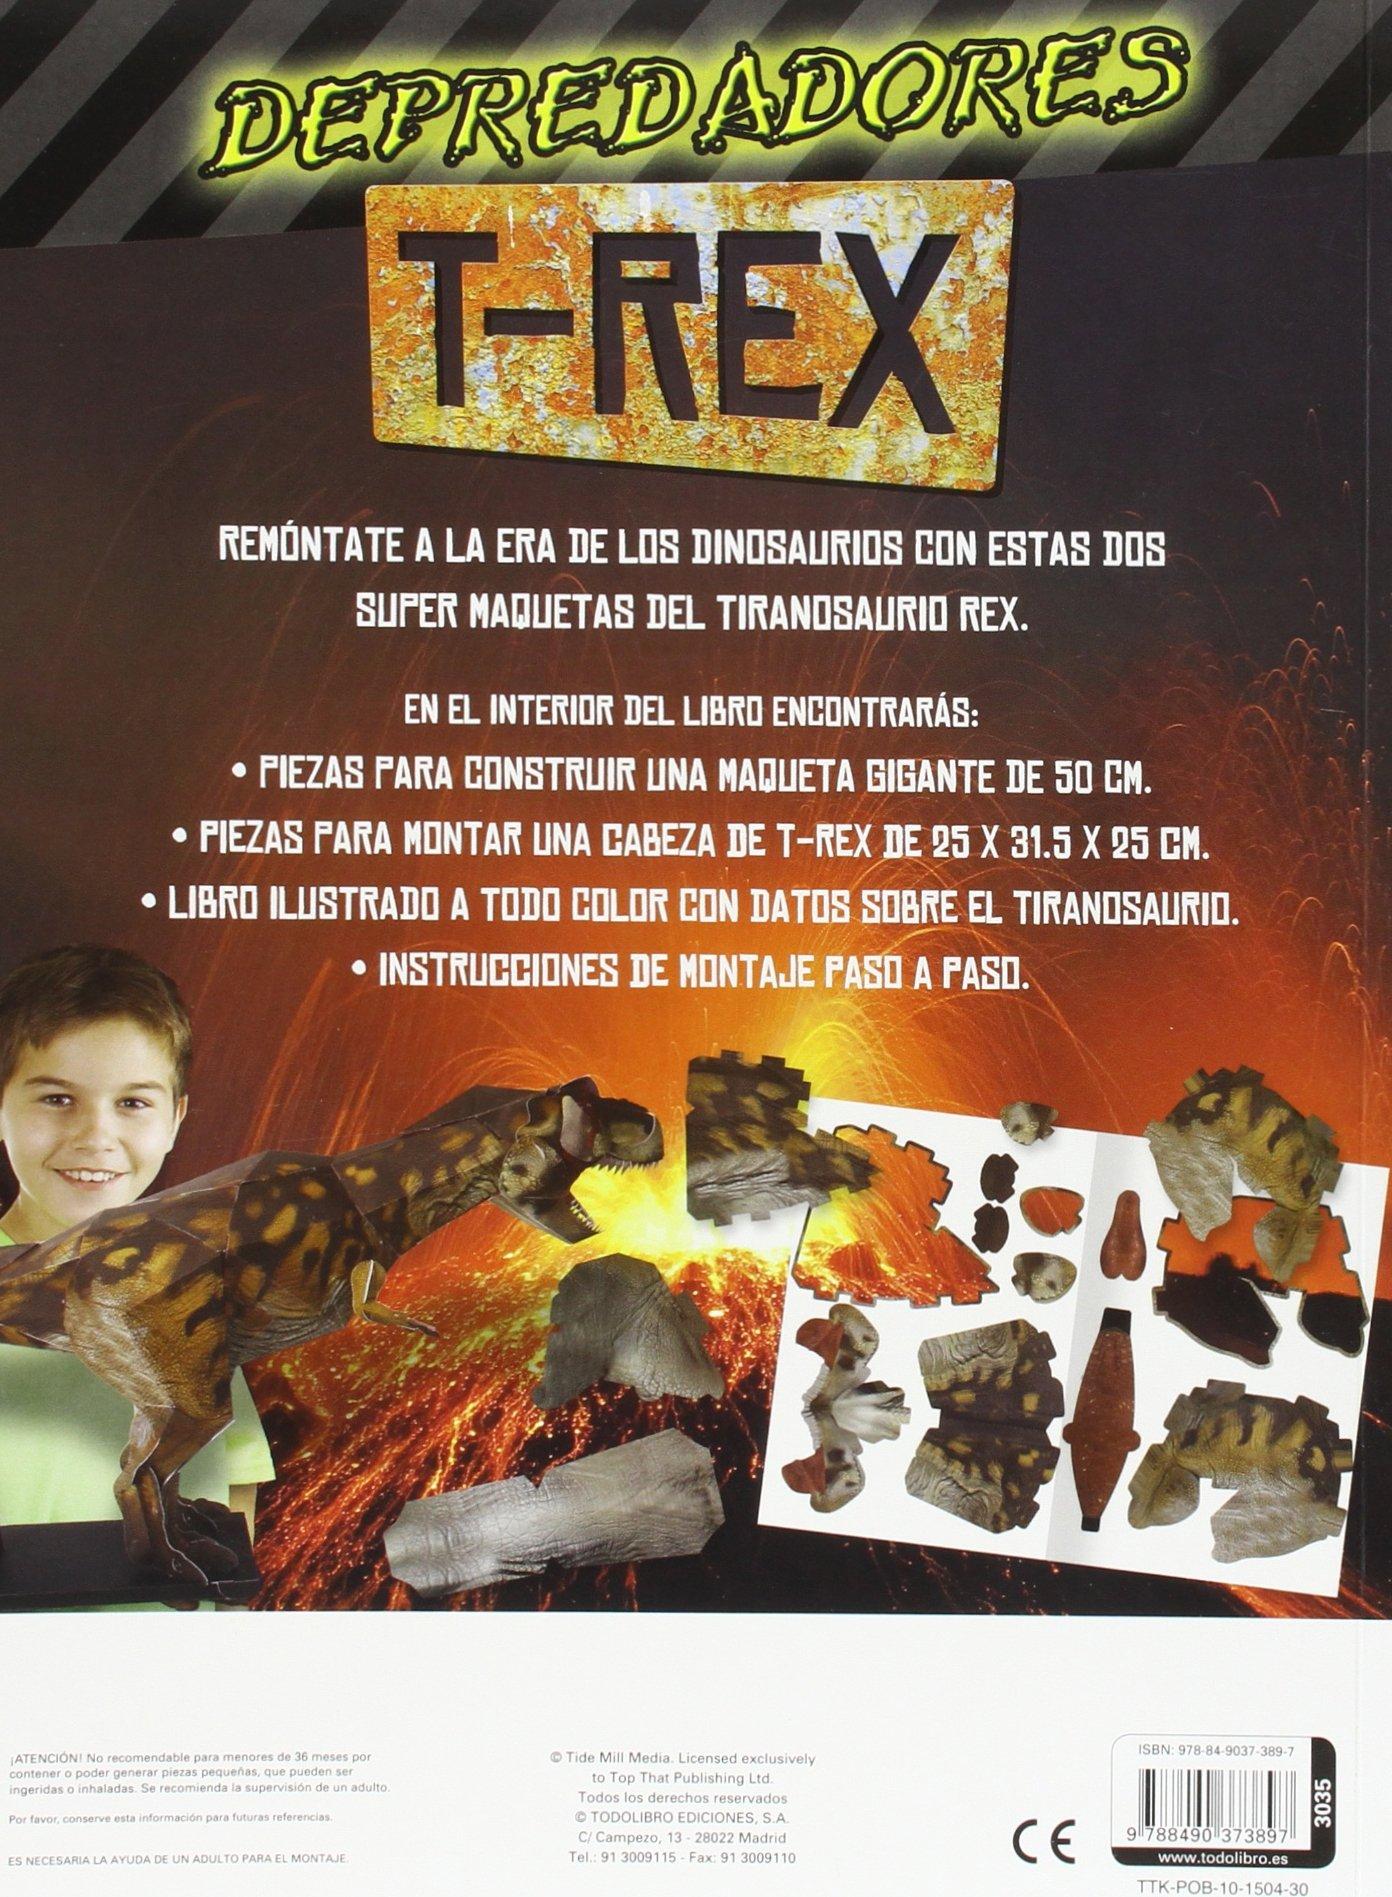 Depredadores T - Rex: AA VV: 9788490373897: Amazon.com: Books